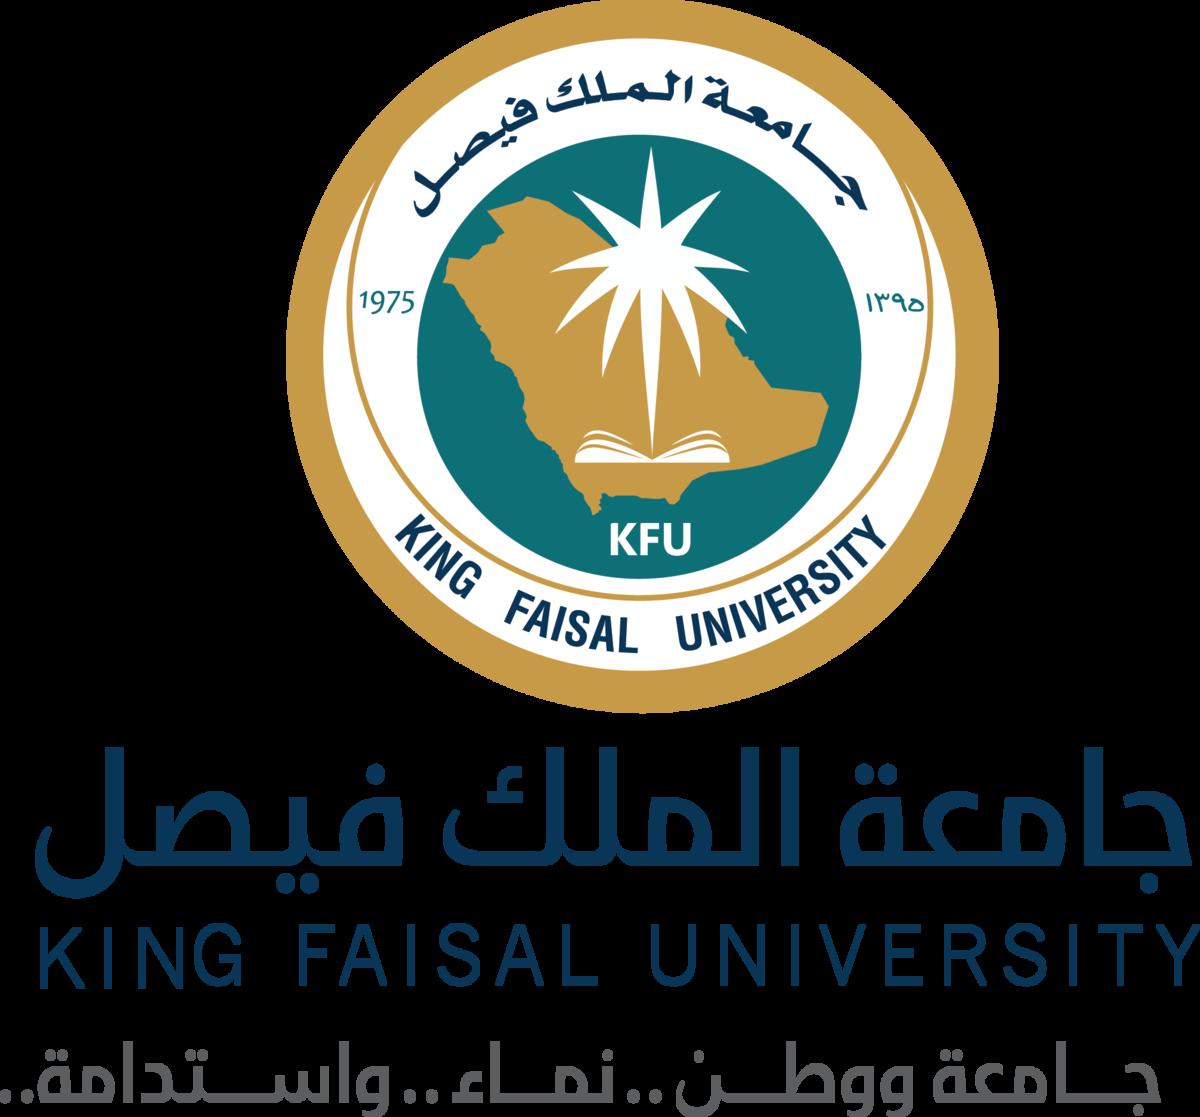 كلية الطب جامعة الملك فيصل ويكيبيديا